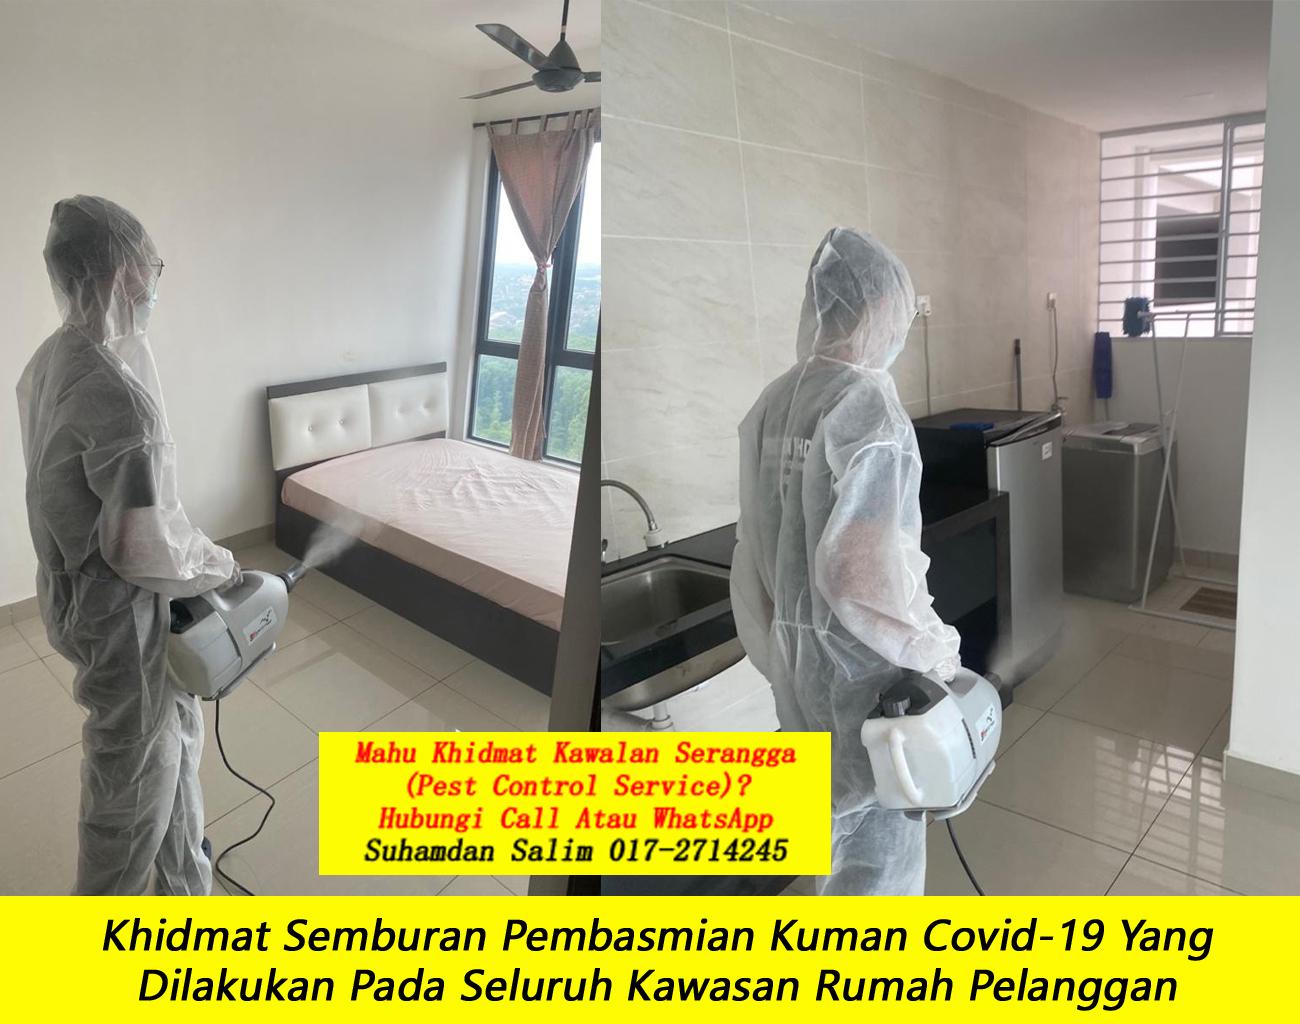 khidmat sanitizing membasmi kuman Covid-19 Disinfection Service semburan membasmi kuman covid 19 paling berkesan dengan harga berpatutan the best service covid-19 melaka felda